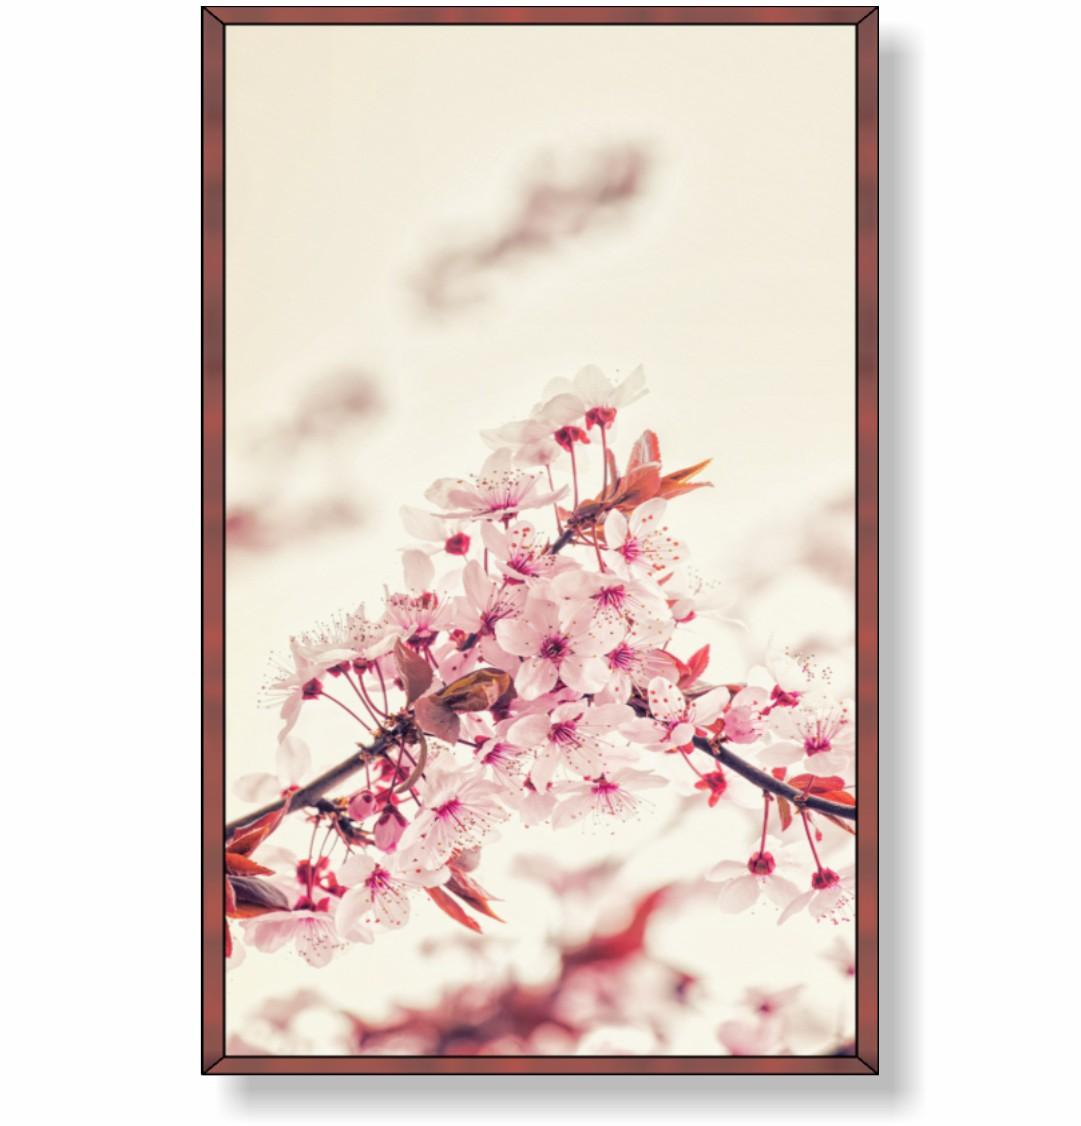 Quadro Decorativo Flor de Cerejeira com Fundo Claro